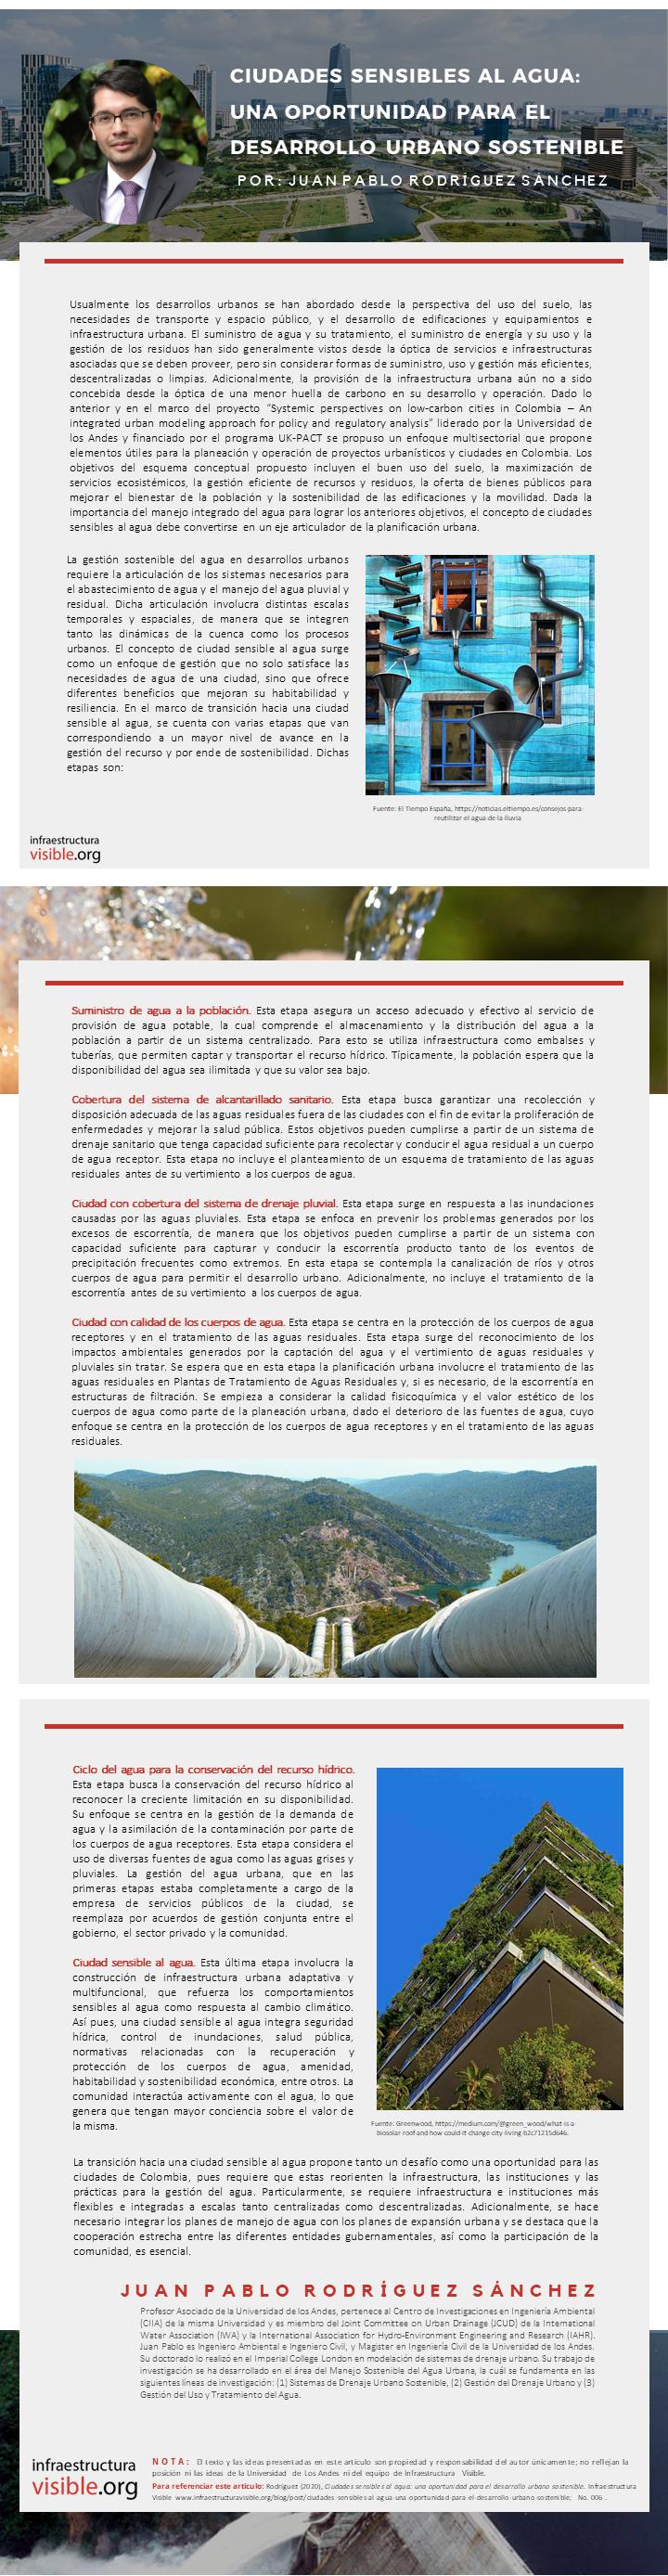 Ciudades sensibles al agua: una oportunidad para el desarrollo urbano sostenible